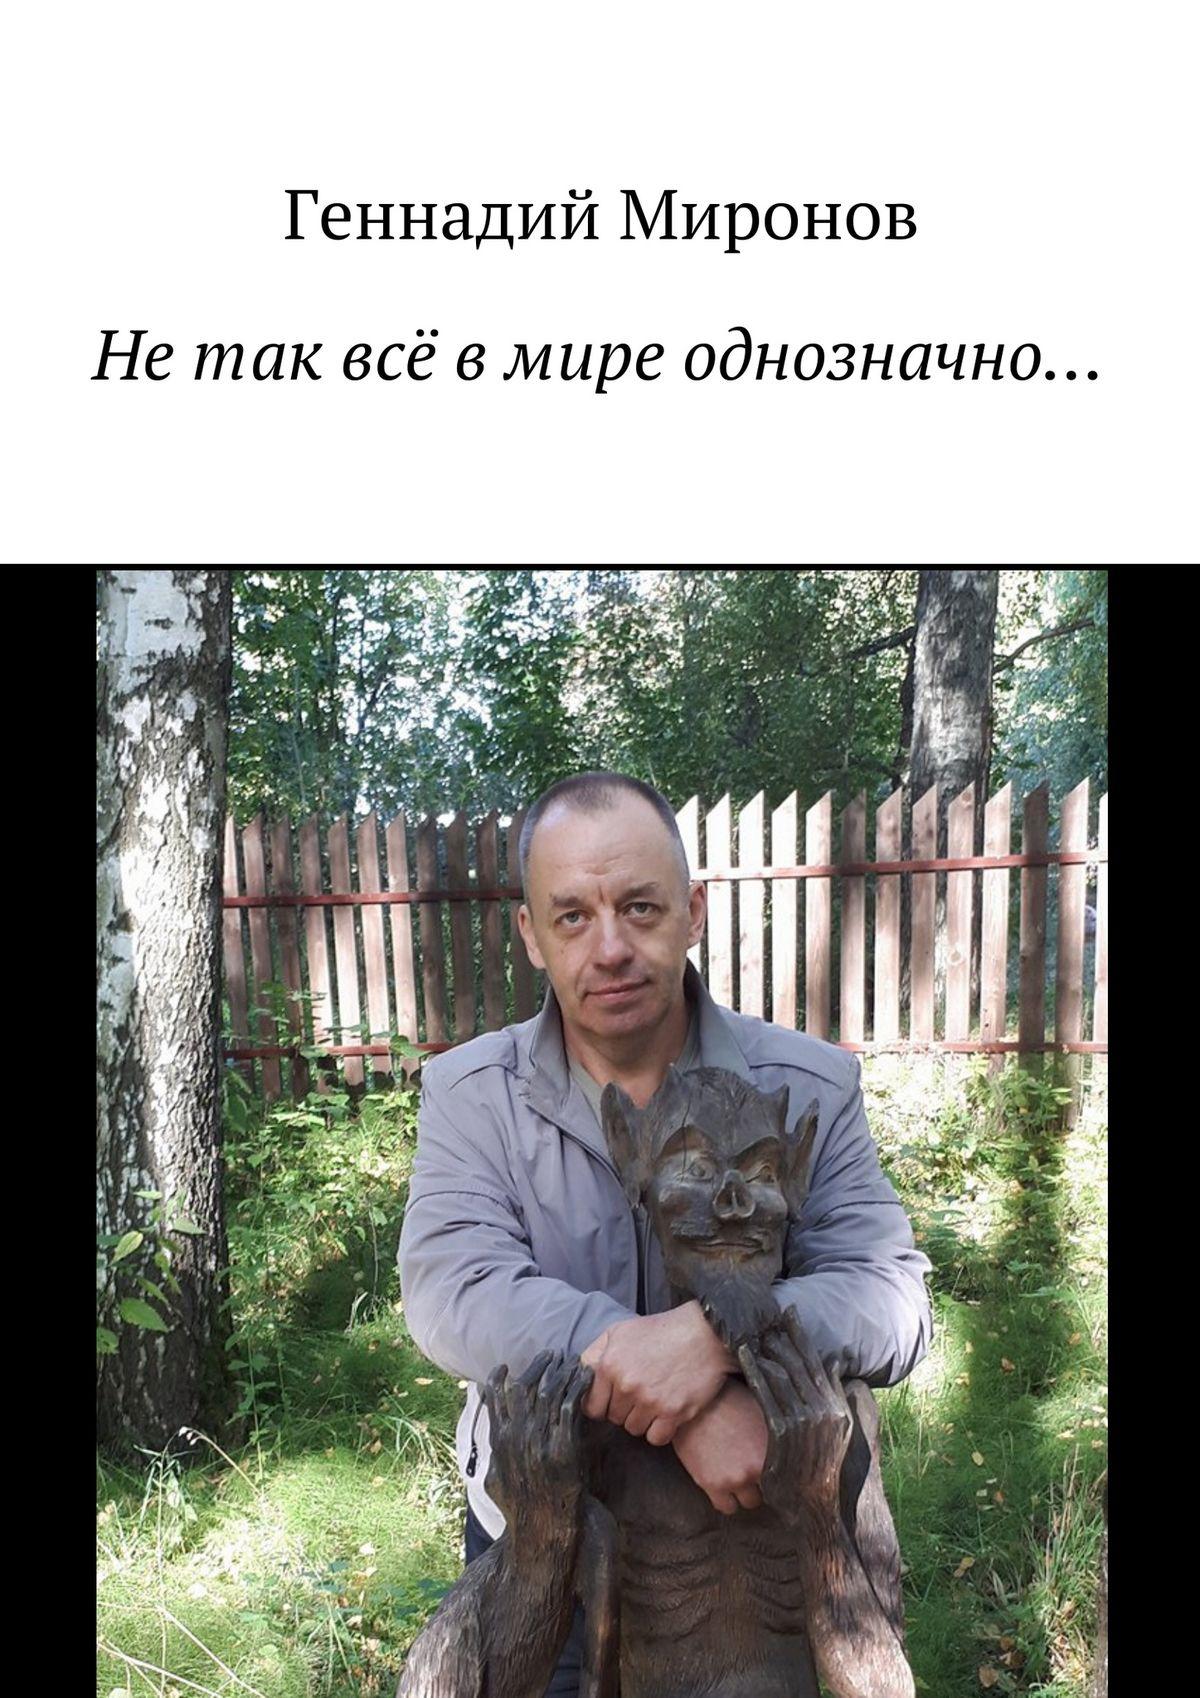 Геннадий Миронов Нетак всё вмире однозначно… все цены